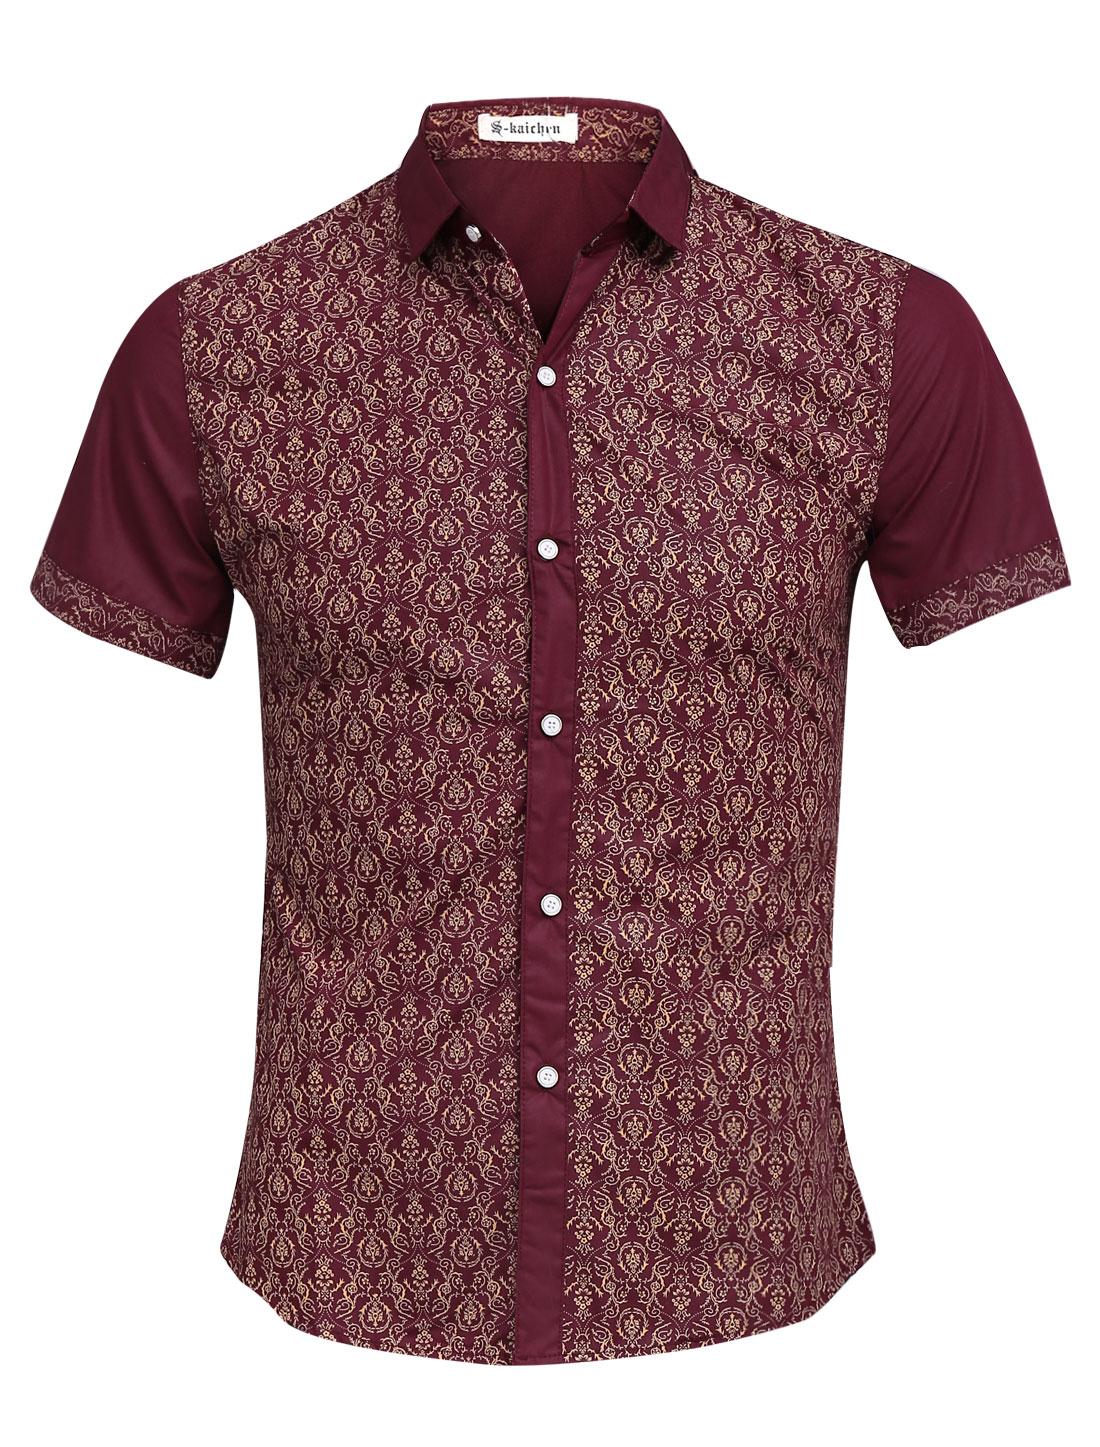 Men Floral Prints Single Breasted Panel Design Slim Shirt Burgundy S